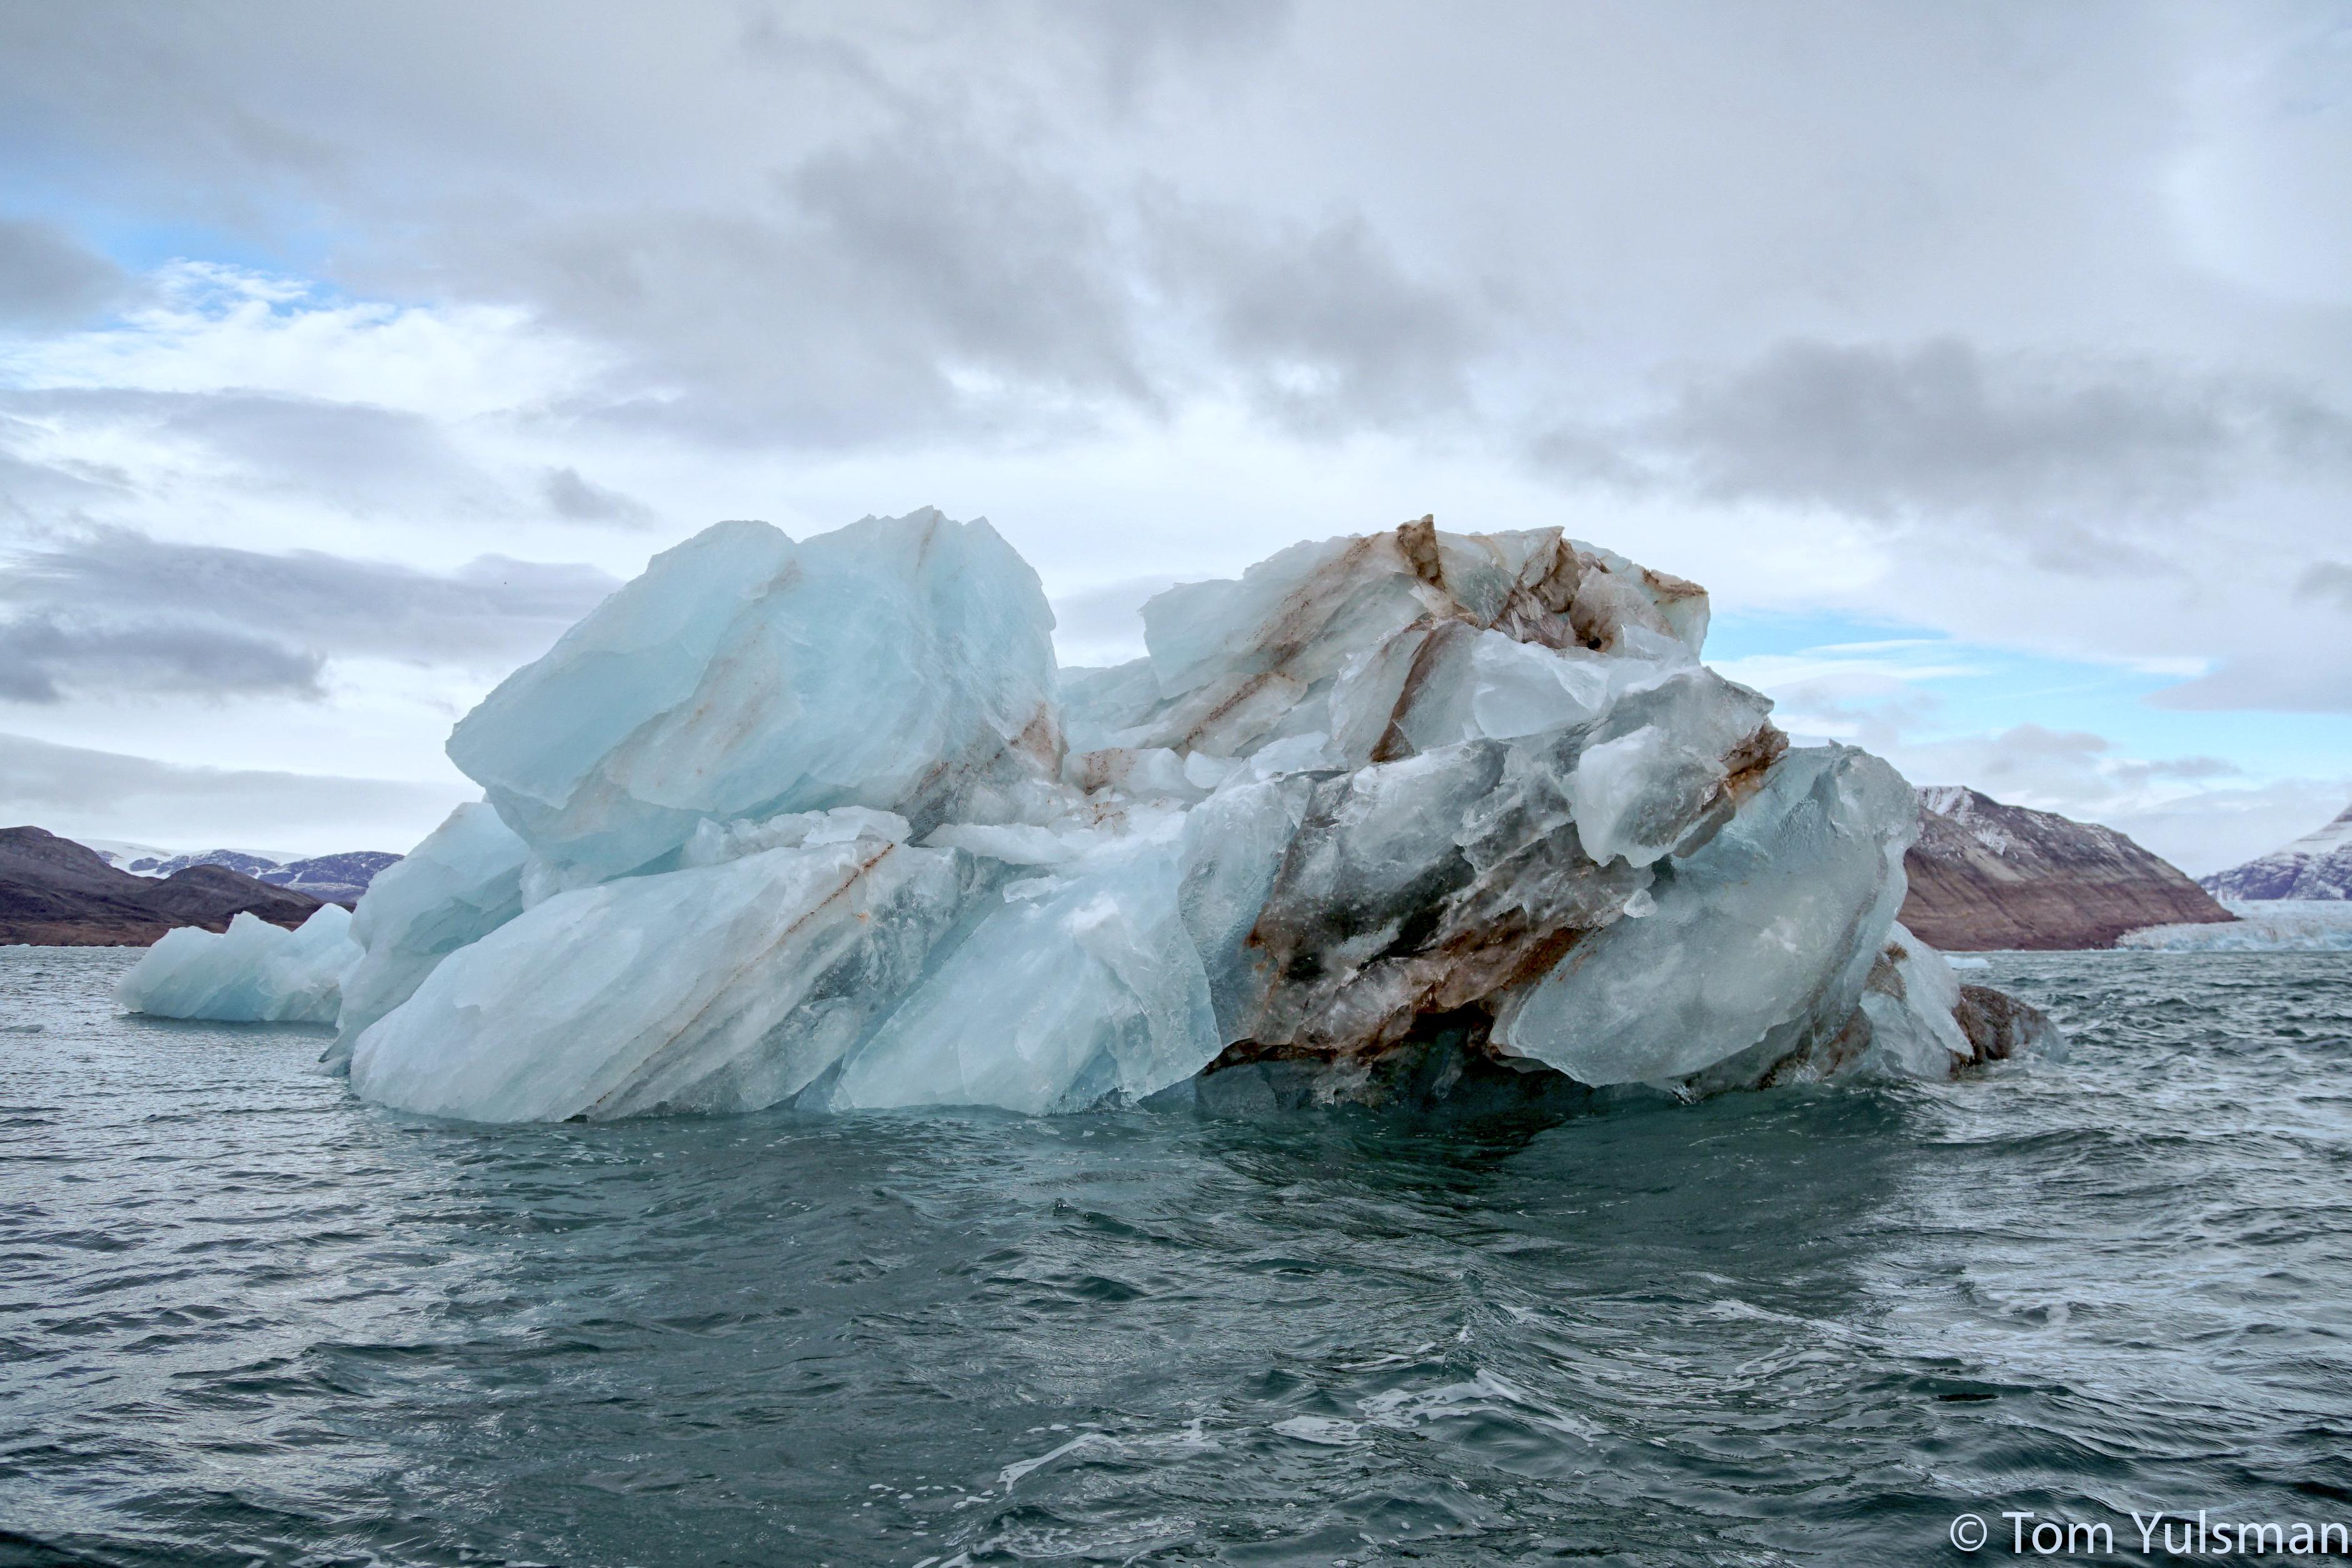 NA5916_yuls_iceberg3.jpg